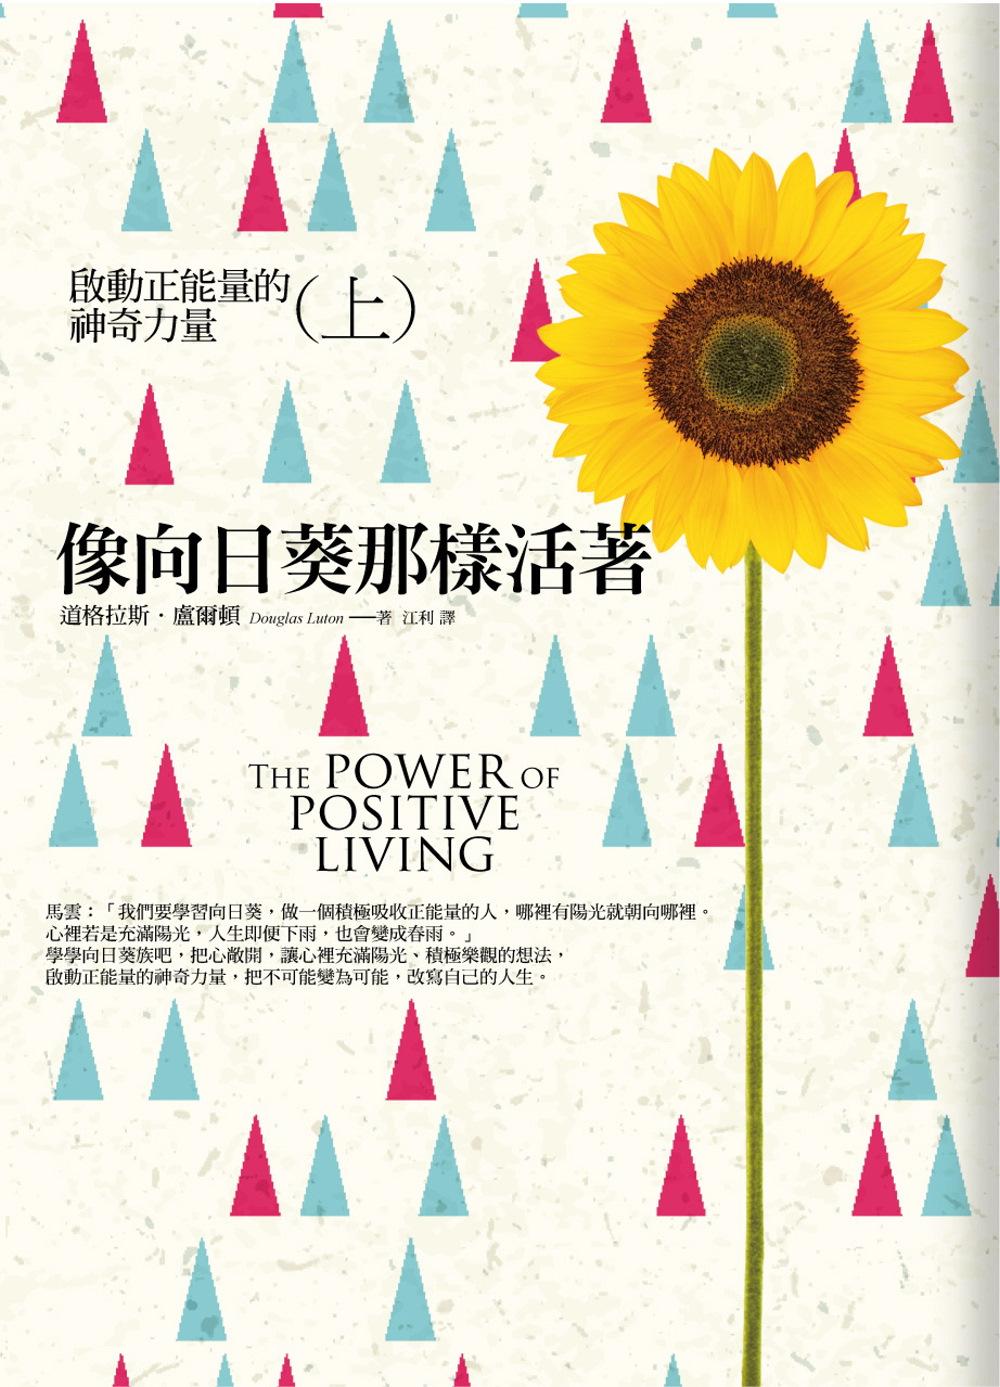 像向日葵那樣活著:啟動正能量神奇力量(上)